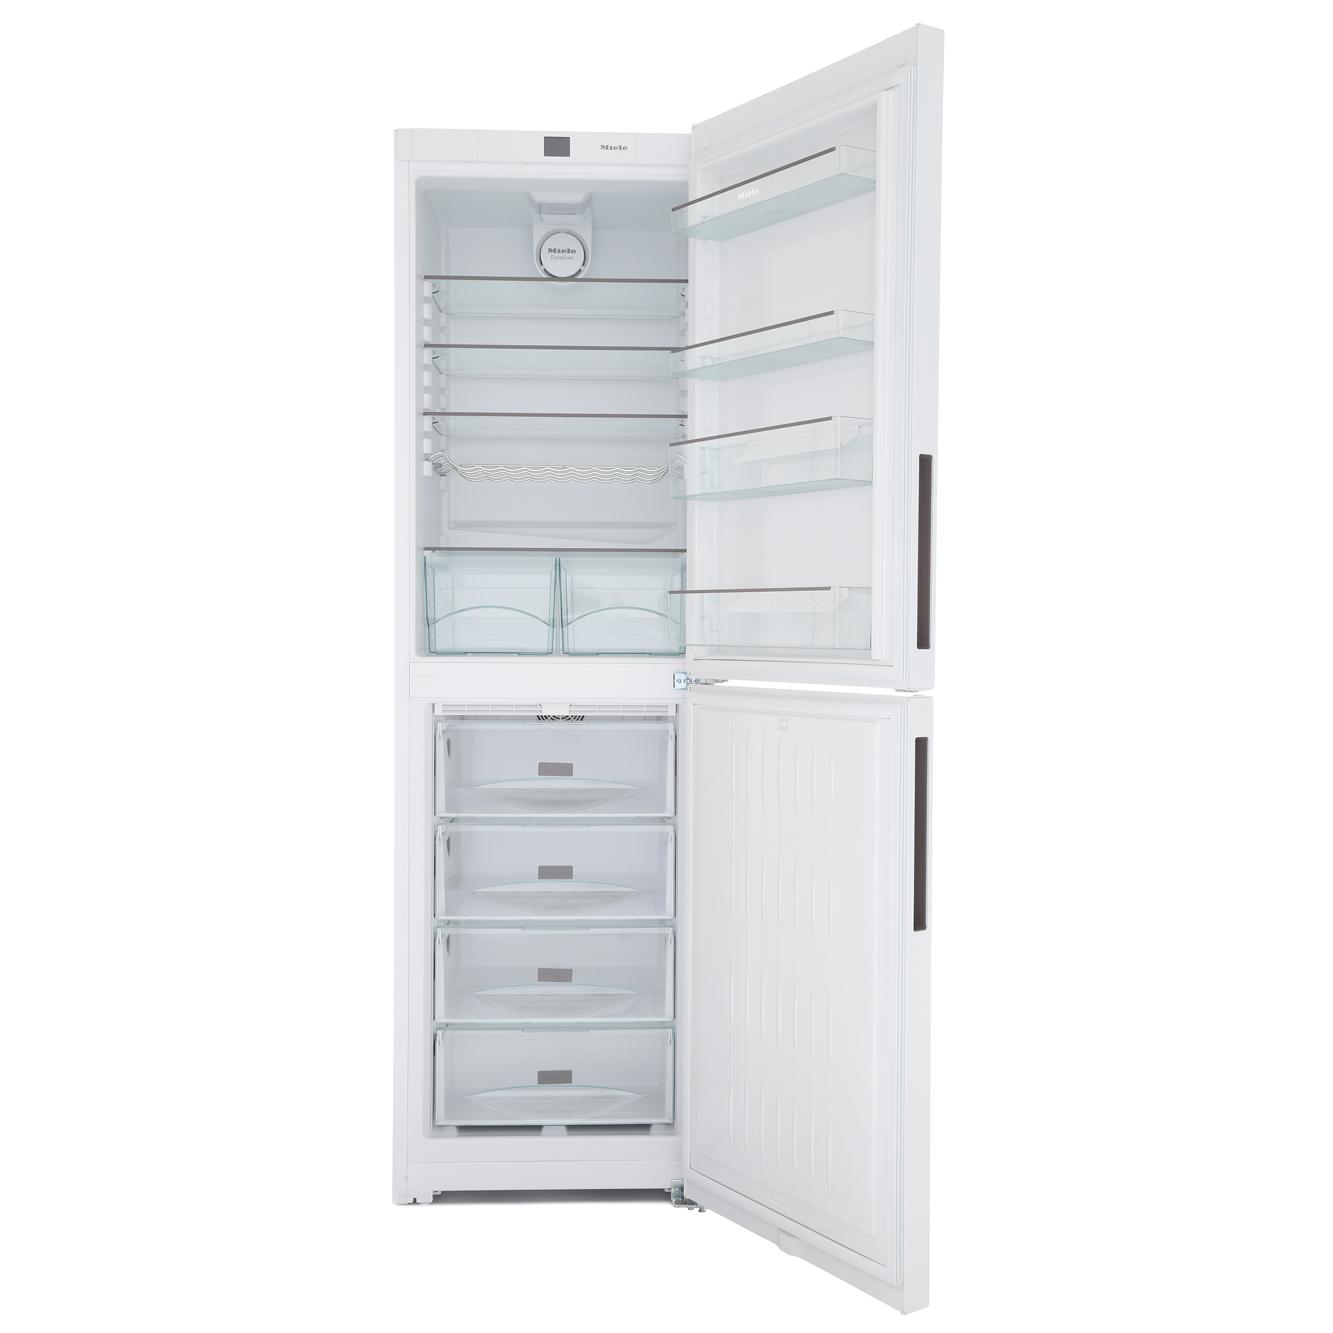 Buy Miele Kfn29042d White Fridge Freezer Kfn29042dwh